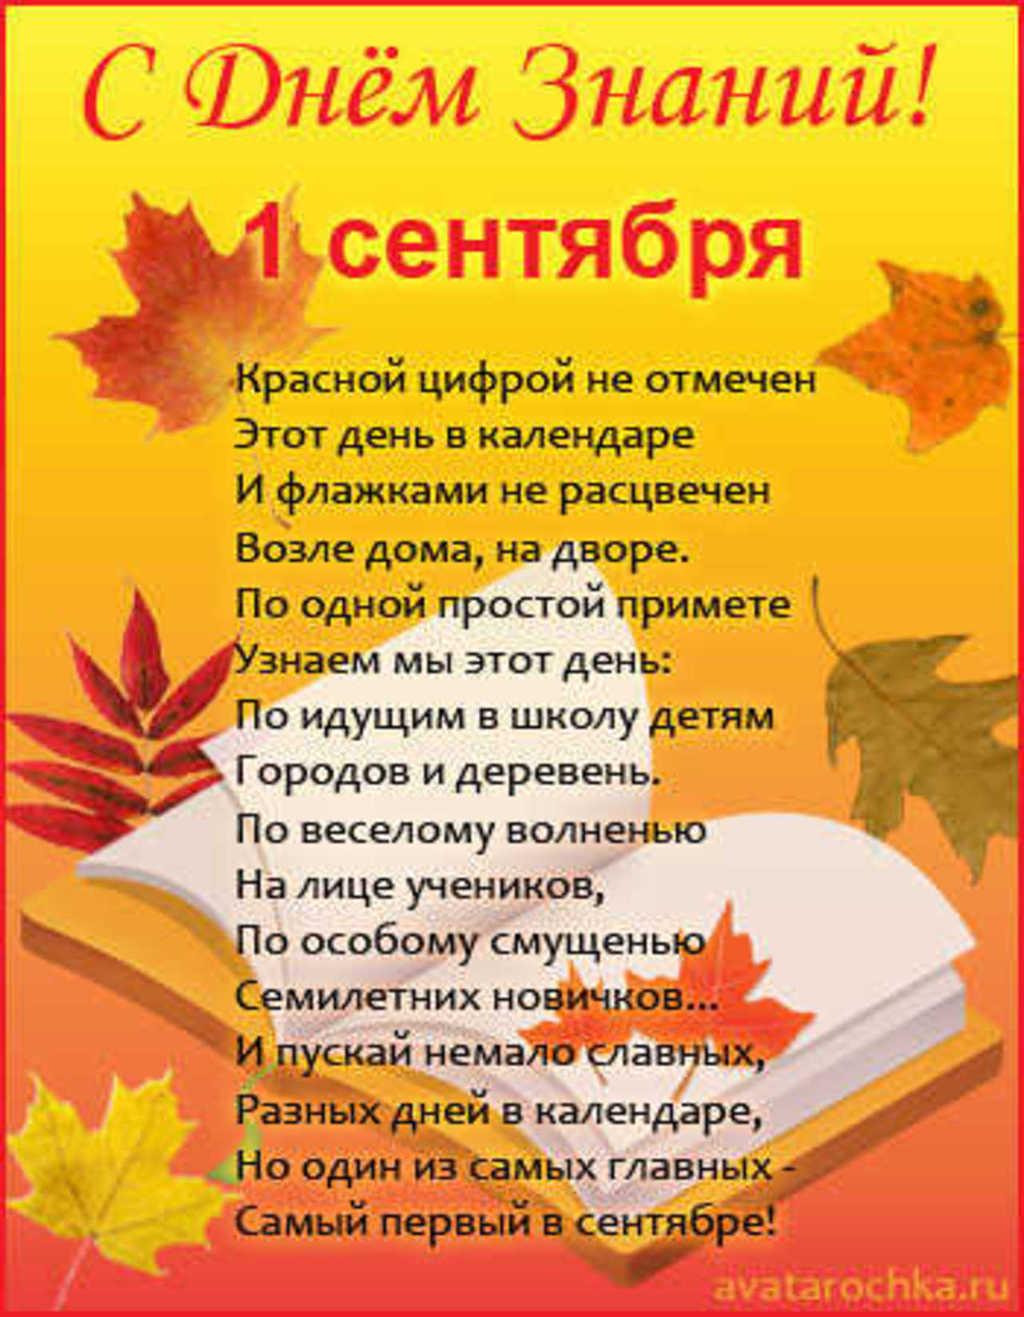 Поздравление с днём знаний для детей